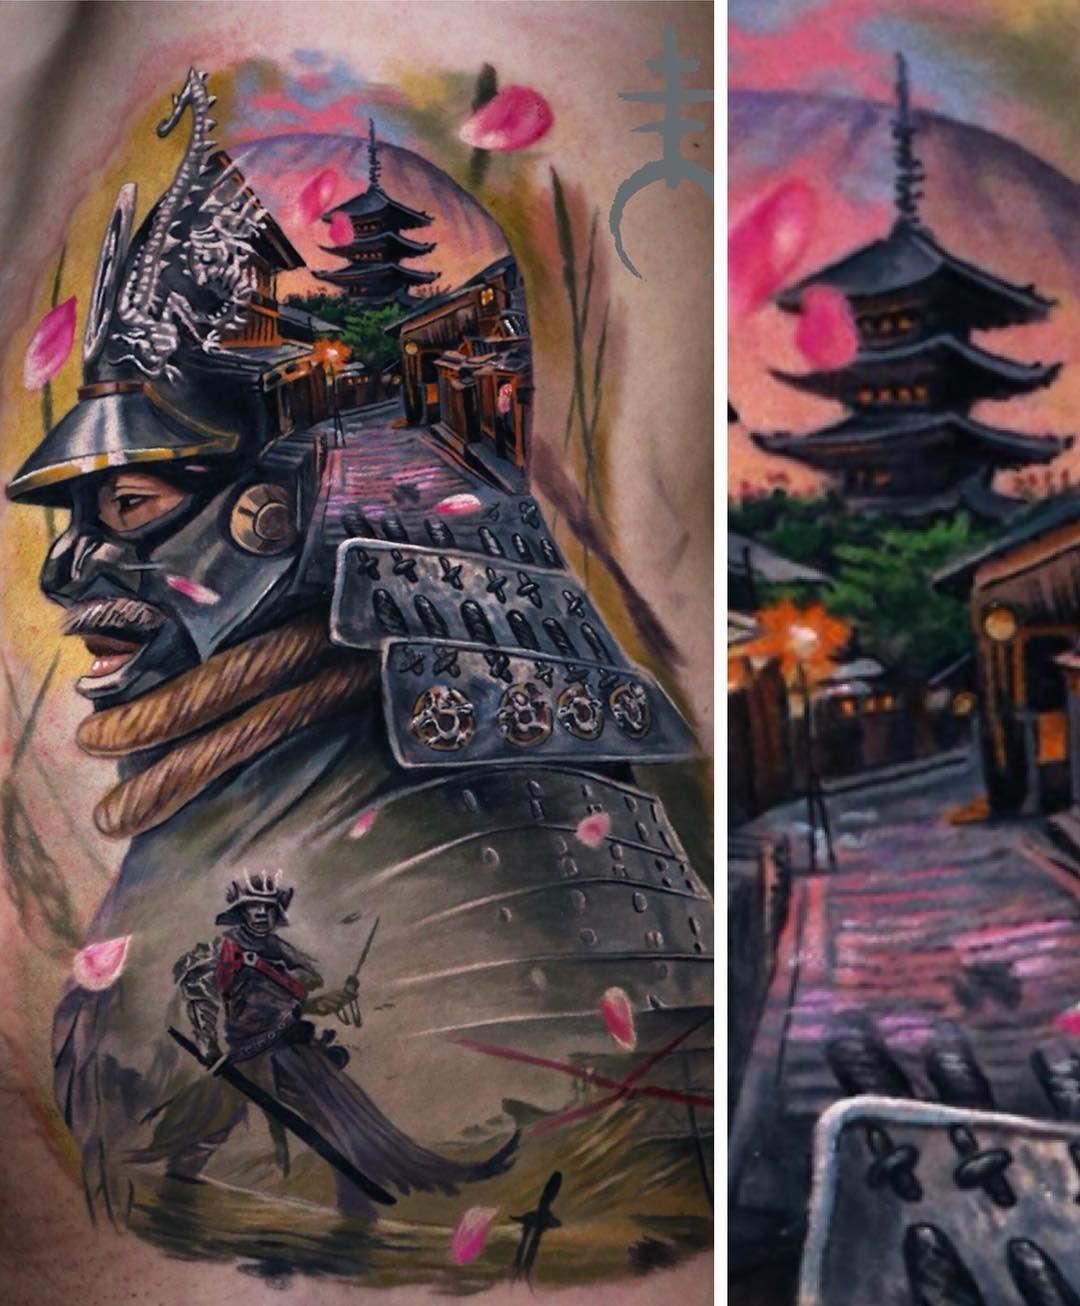 Color tattoo realism by El Mori Hình xăm nhật, Samurai